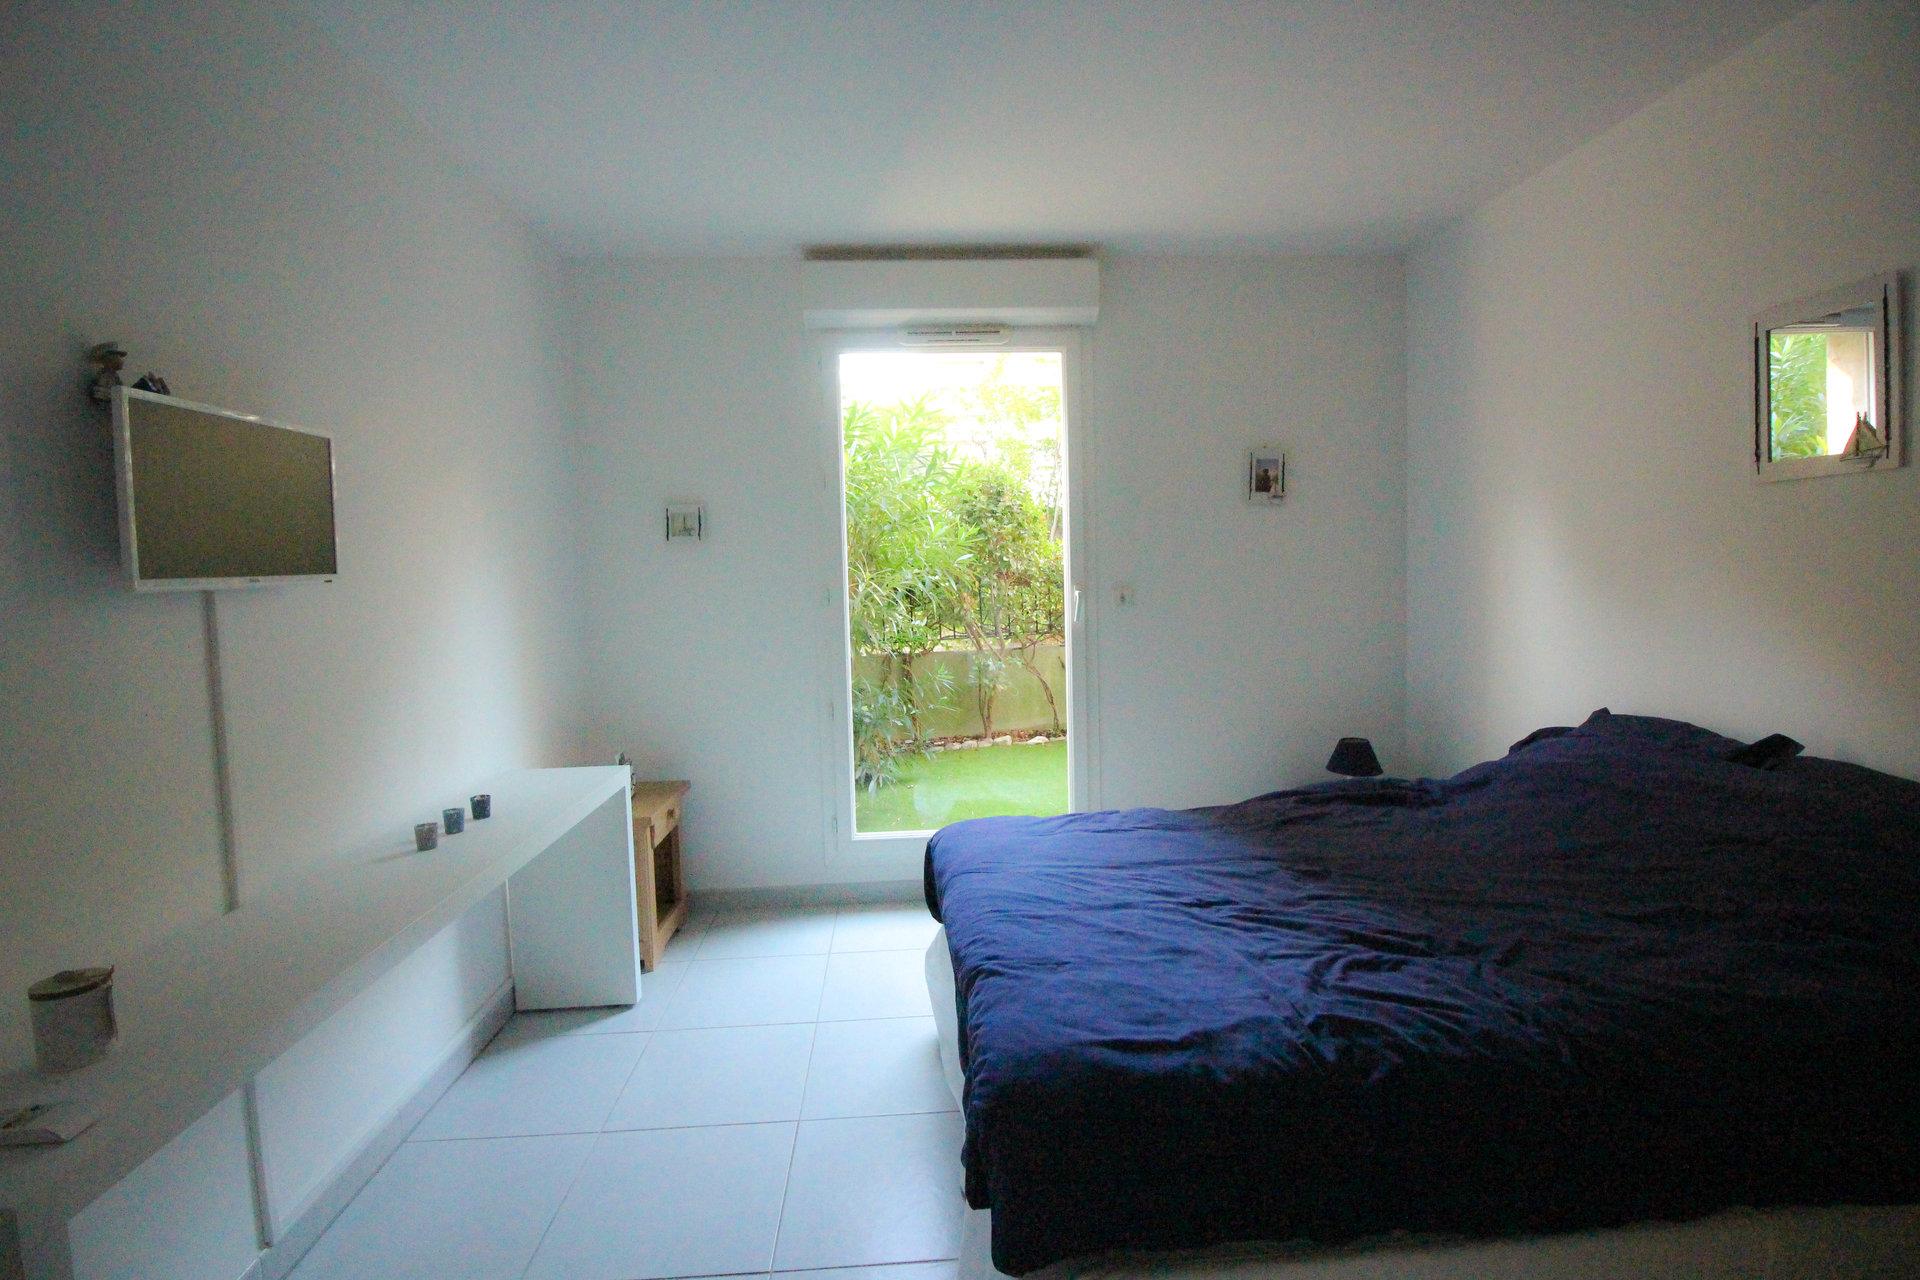 LE MAGNIFIQUE - Appartement Duplex de Type 2 de 50 m2 avec box